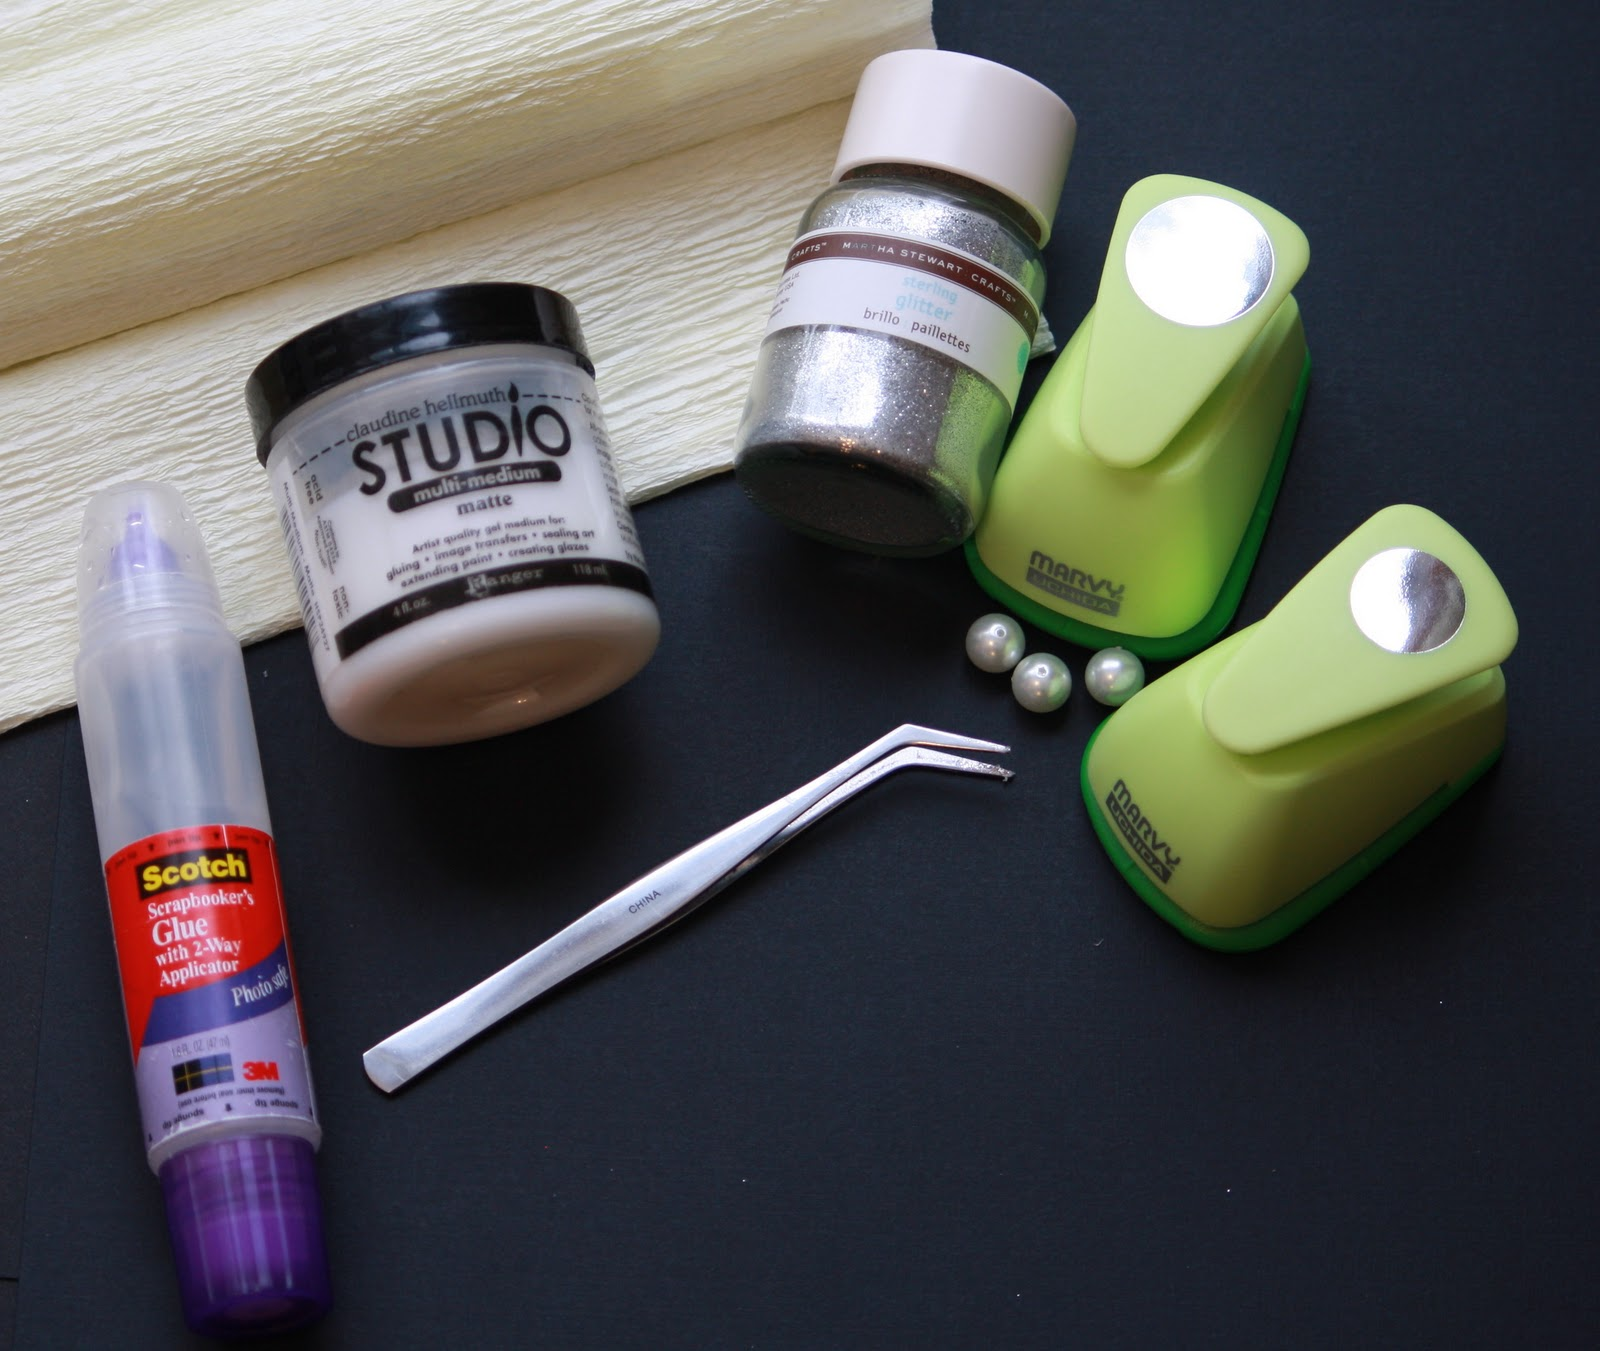 http://4.bp.blogspot.com/_kBEXd9OENQU/TQQdp17iHYI/AAAAAAAAAgg/TU1Hny8-Ze0/s1600/Crepe+Paper+supplies.jpg